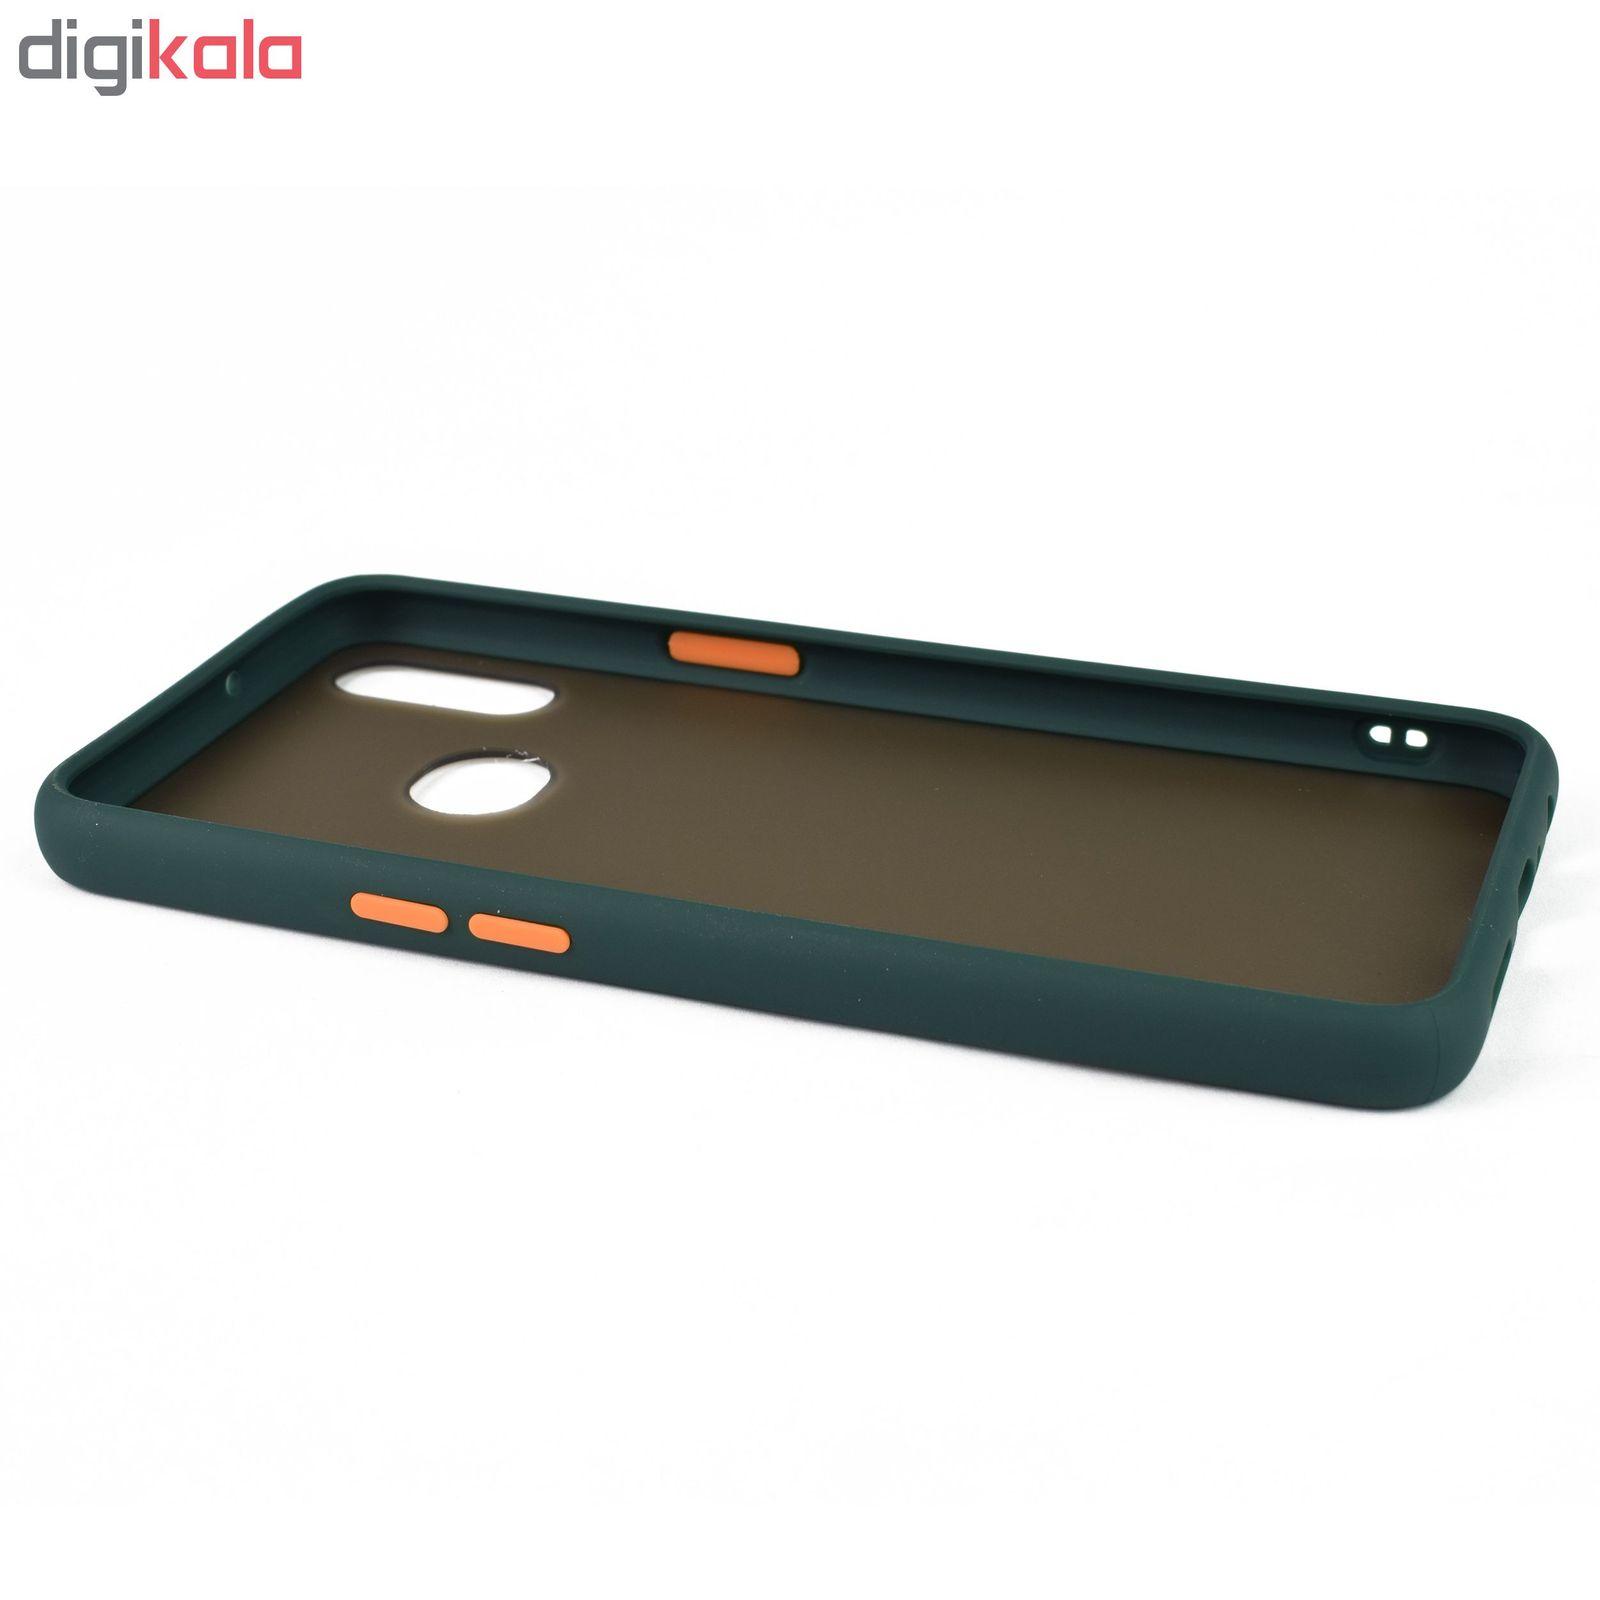 کاور مدل Slico01 مناسب برای گوشی موبایل سامسونگ Galaxy A10S main 1 6